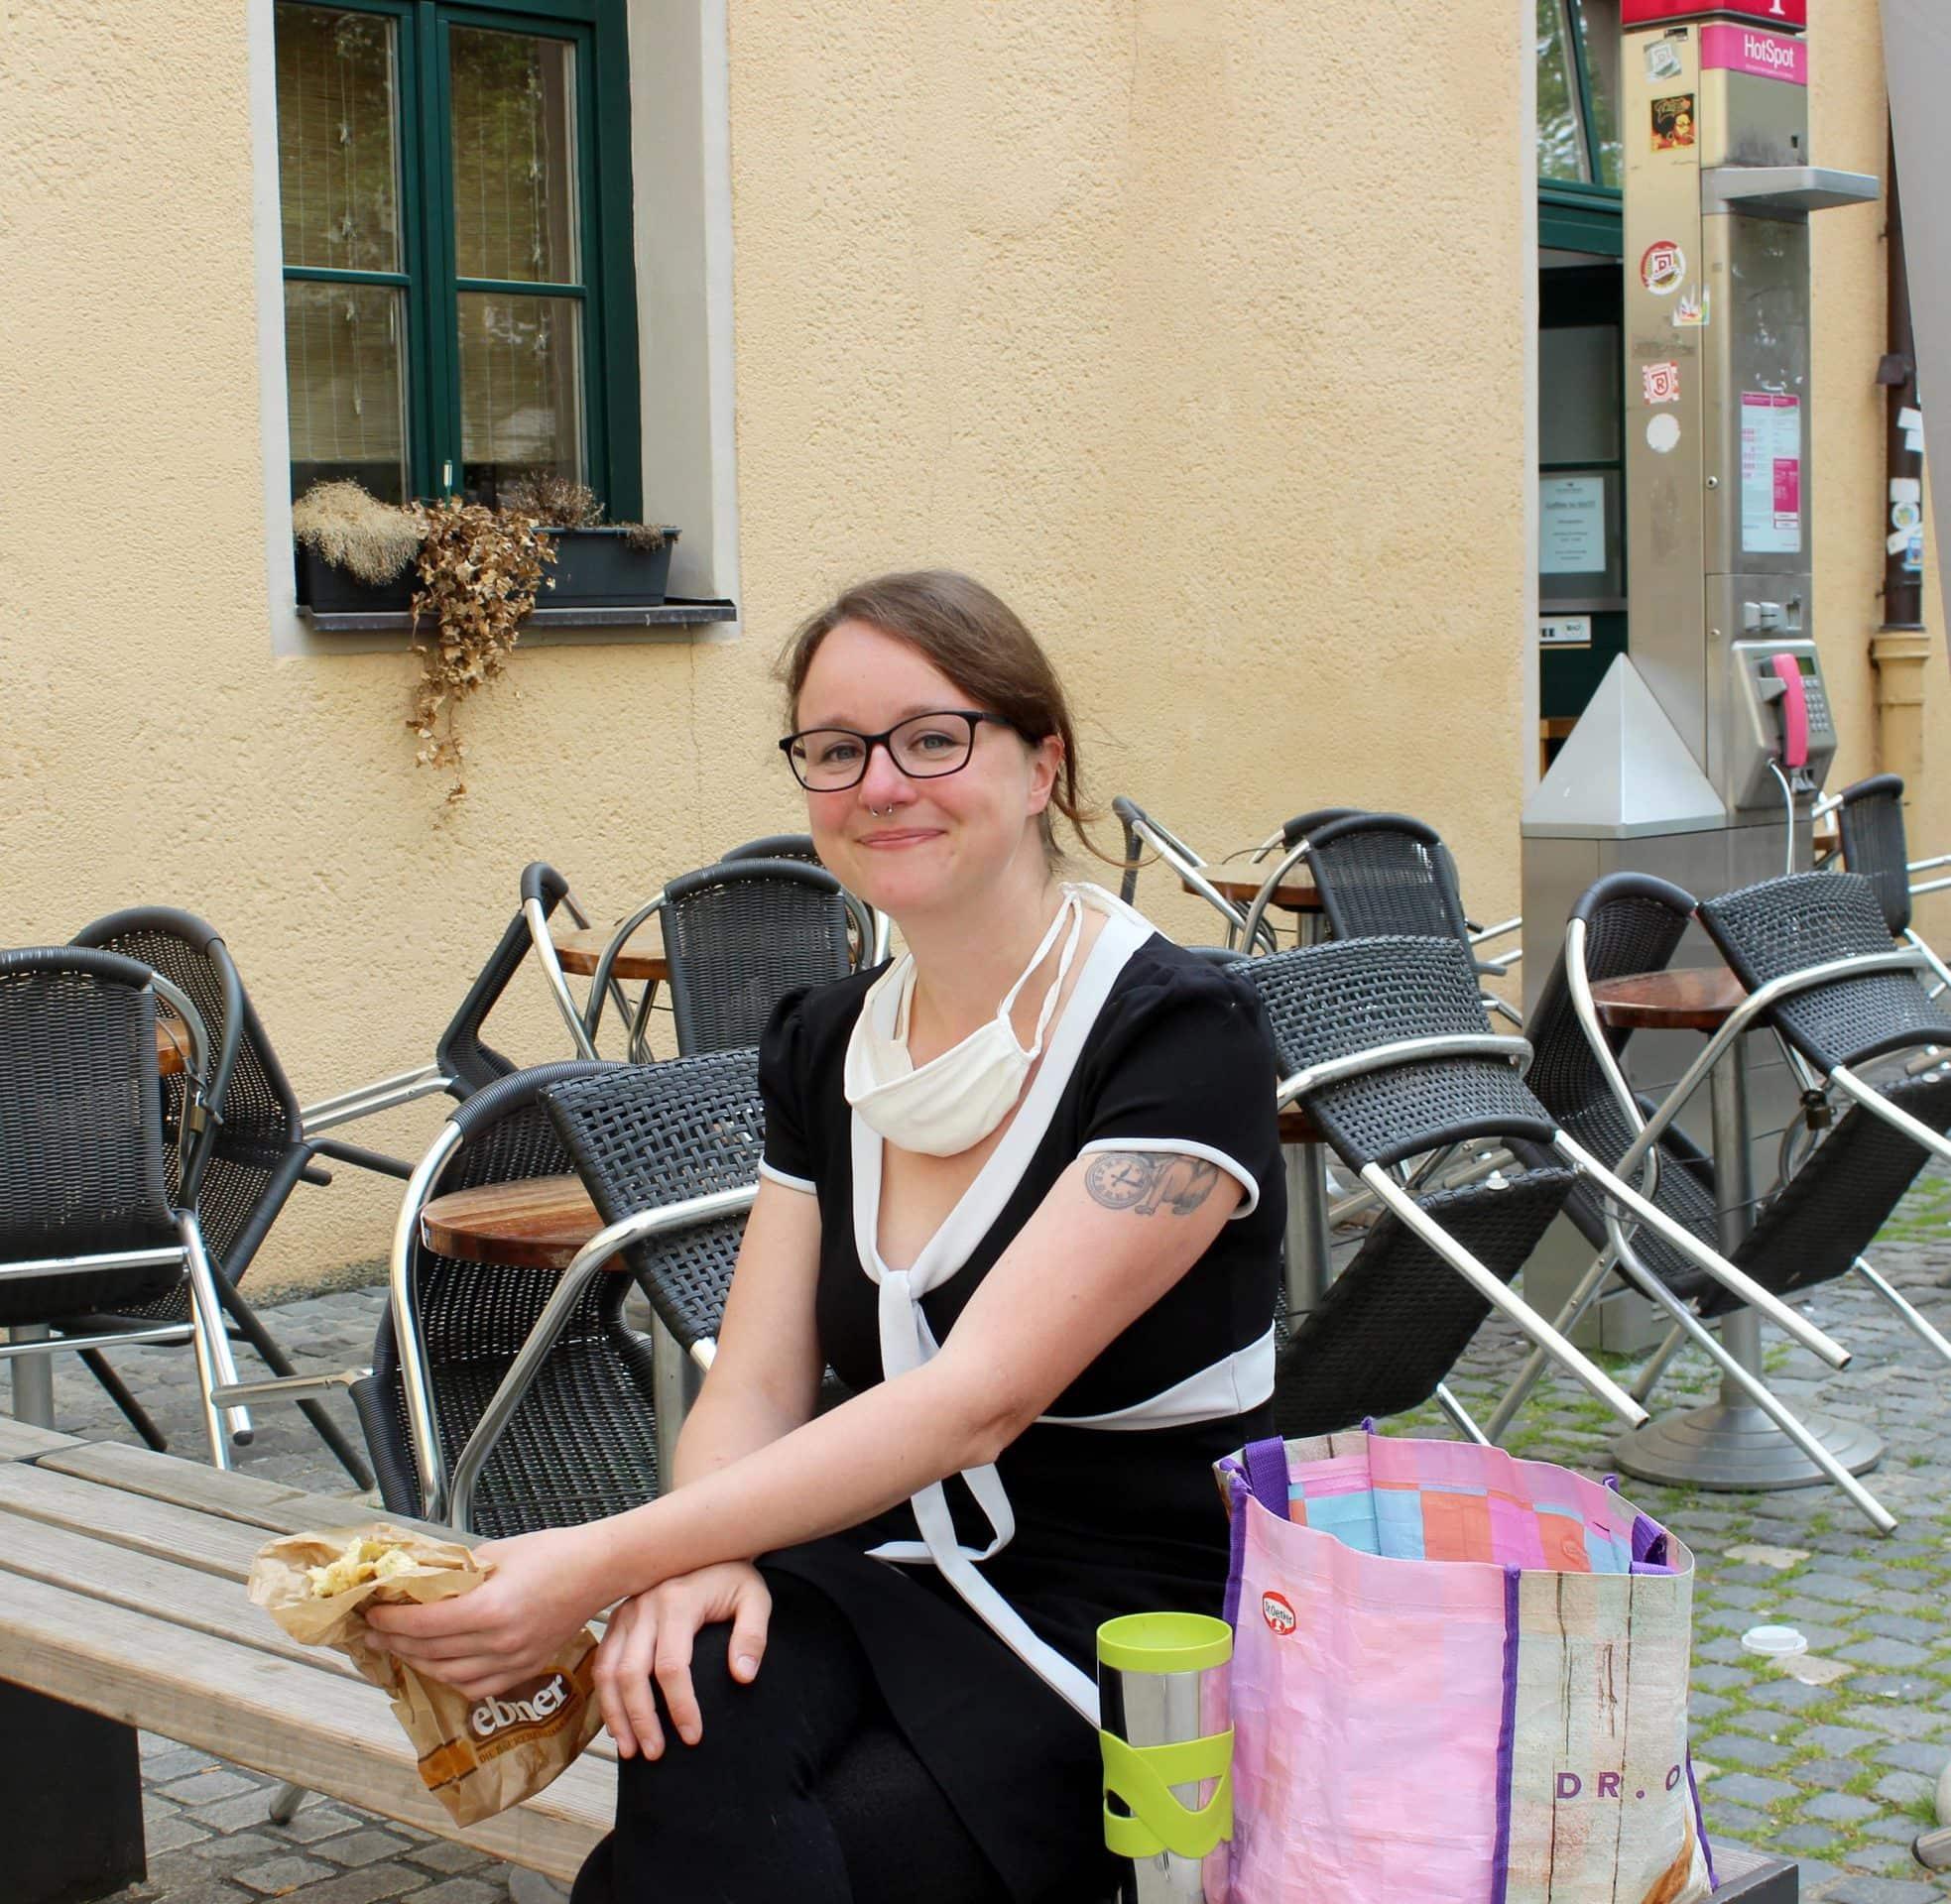 """Genießt die Mittagspause: Buchhändlerin Stephanie hat vor allem soziale Kontakte vermisst und freut sich jetzt umso mehr über Erfolgserlebnisse an ihrem Arbeitsplatz. """"Die Leute sind sehr verständnisvoll"""", stellt sie fest, """"auch wenn es mit Maske noch ungewohnt ist."""""""